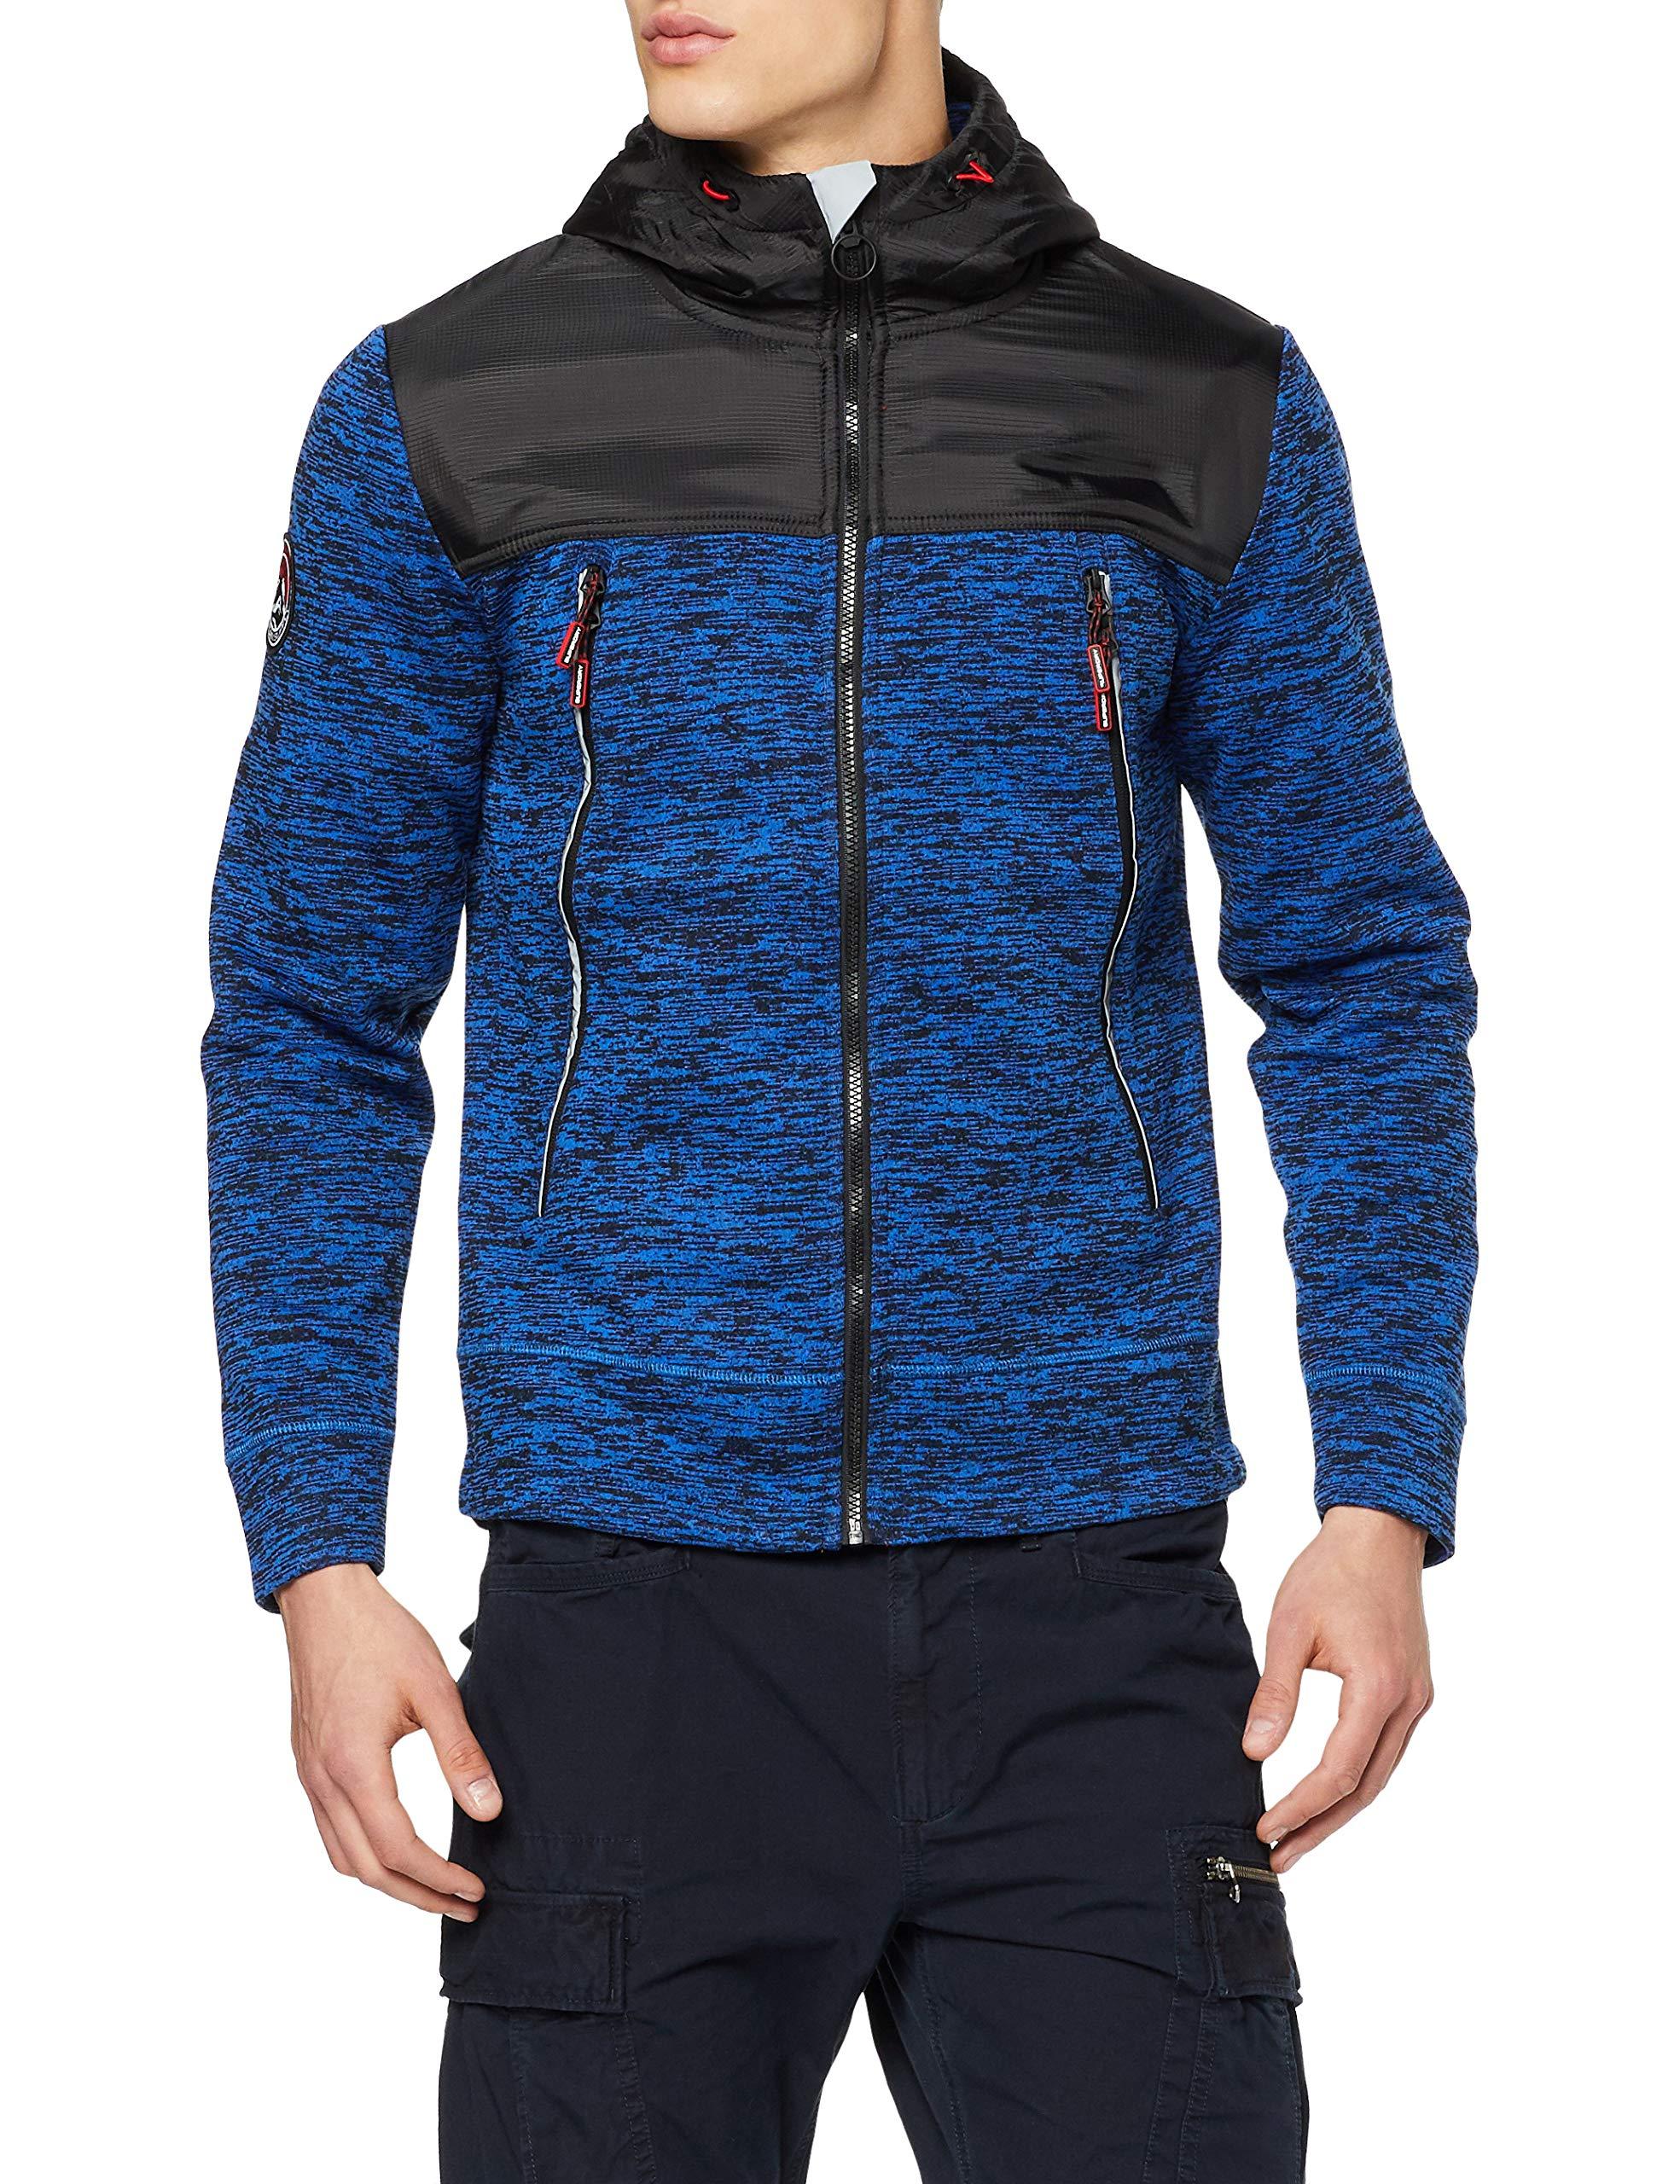 À CapucheBleucobalt Mountain Marl Superdry shirt Tech YfeMedium Ziphood Homme navy Sweat K1Tlc3uFJ